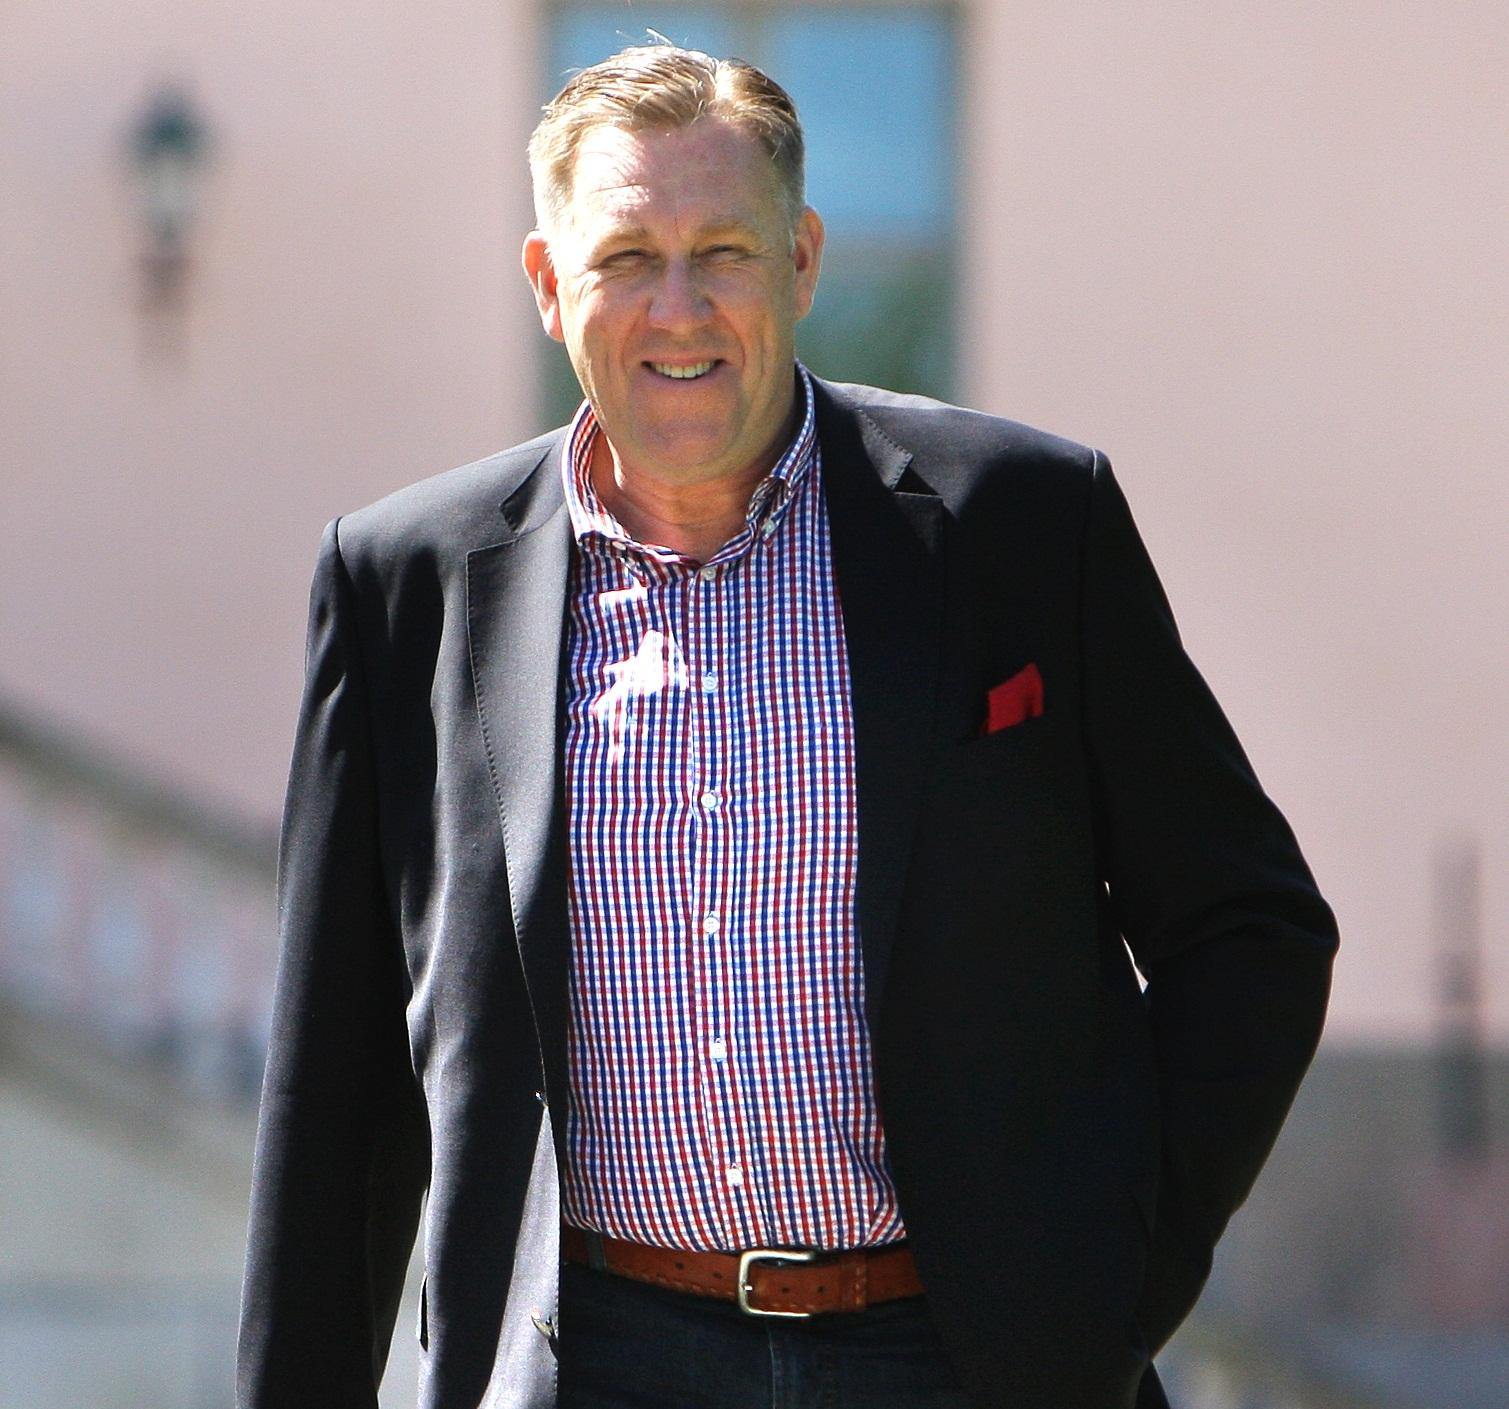 Torbjörn Blomqvist